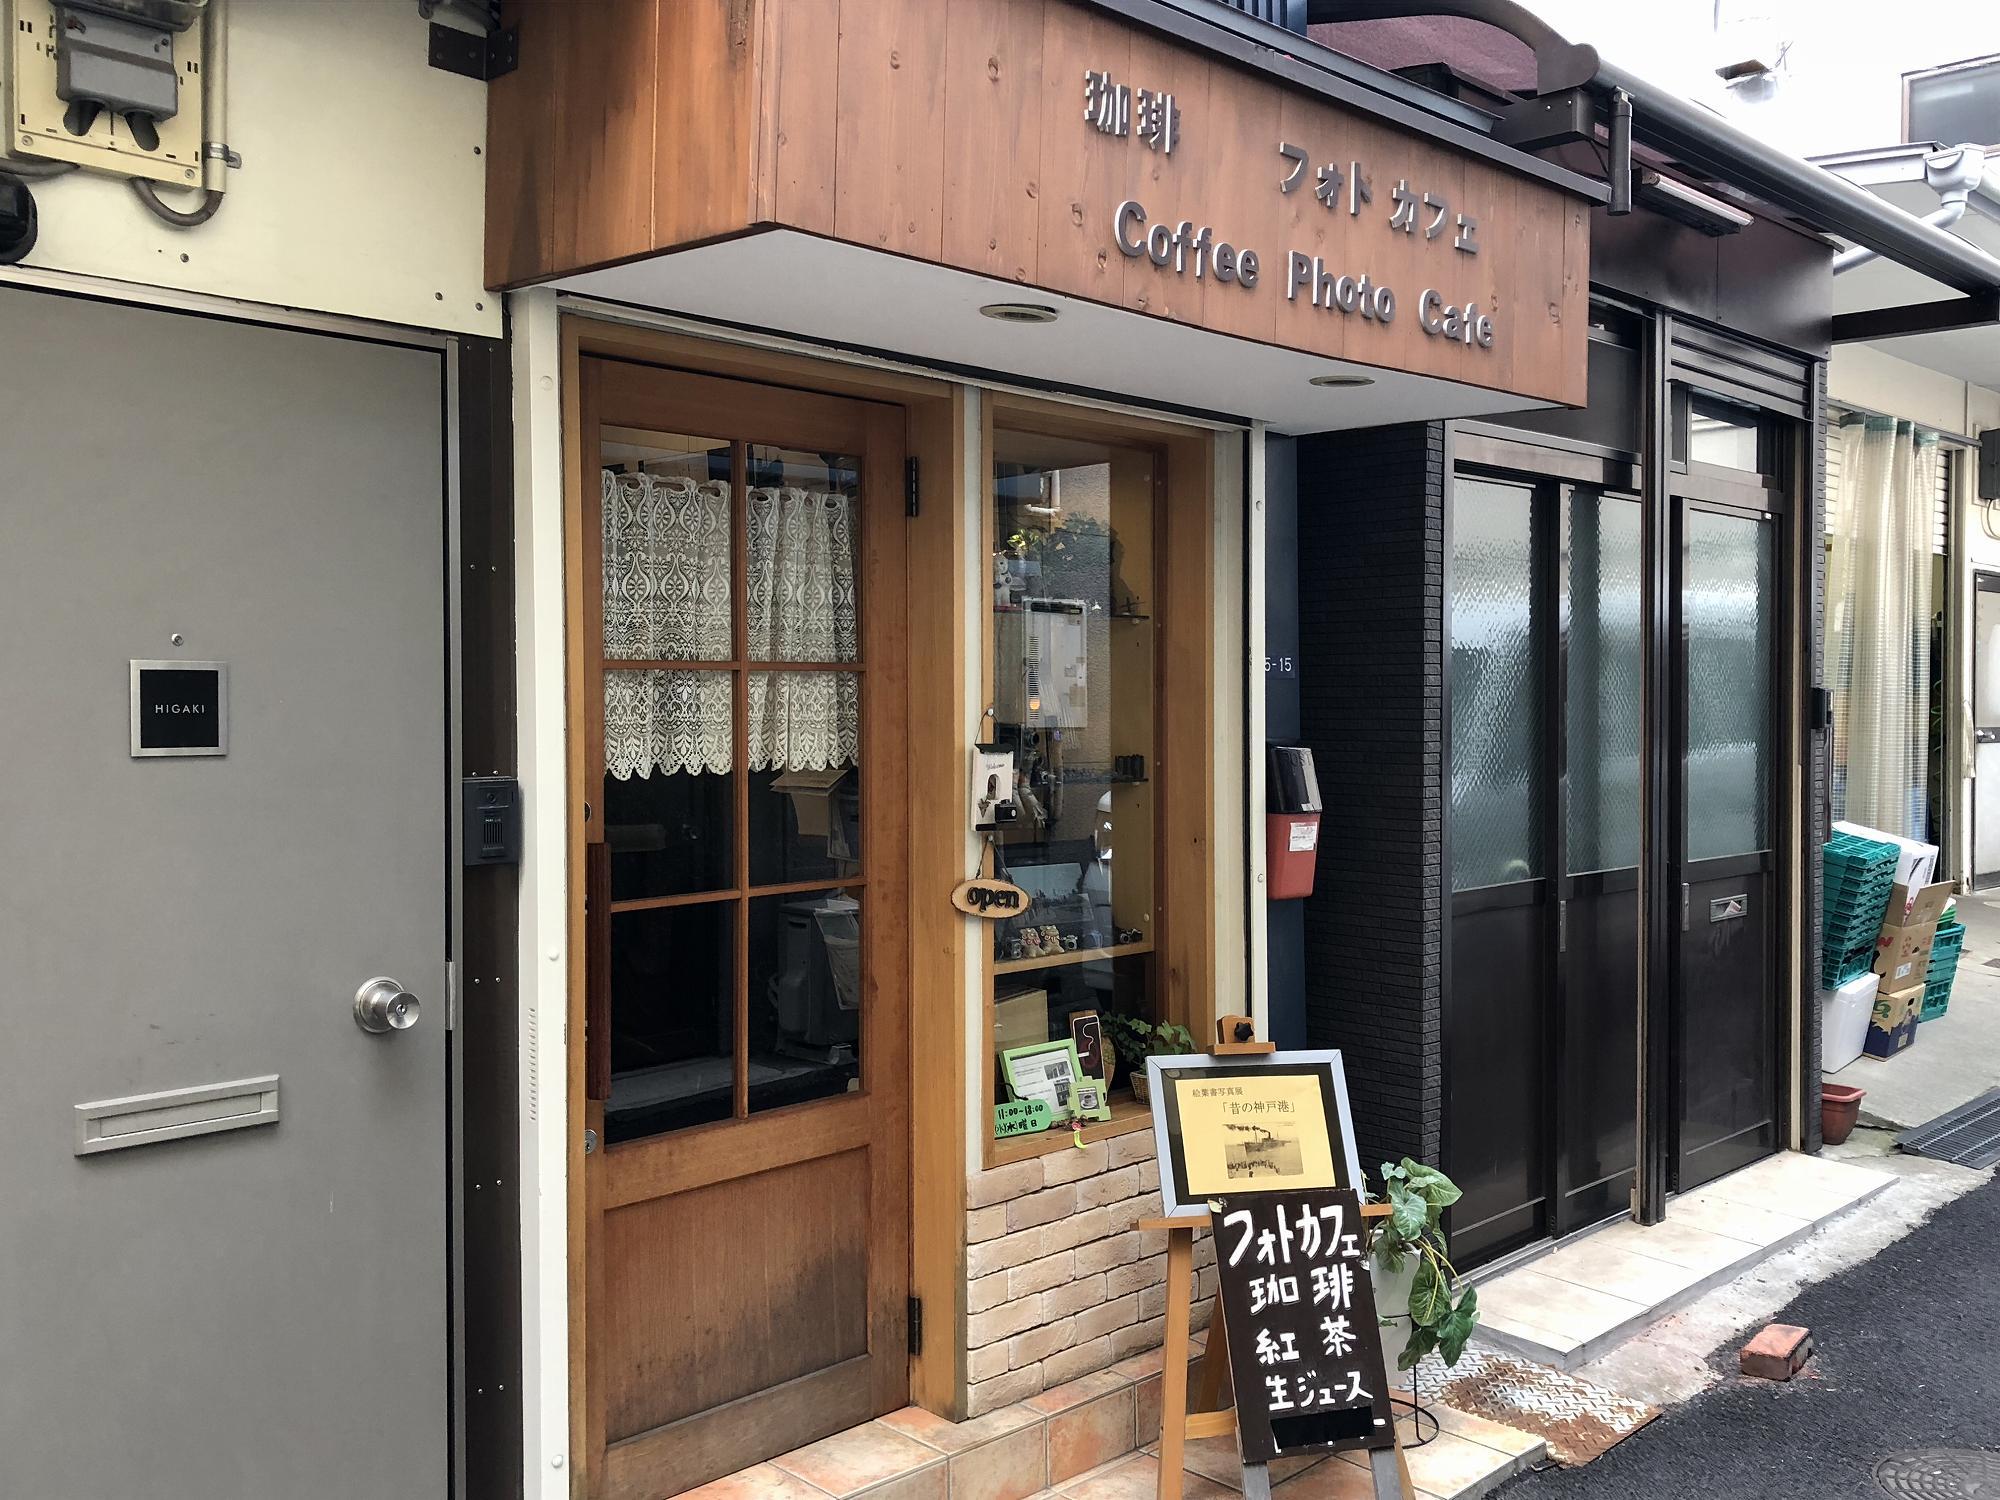 神戸・元町にある「フォトカフェ」で船の写真を見に行ってきた! #フォトカフェ #写真展